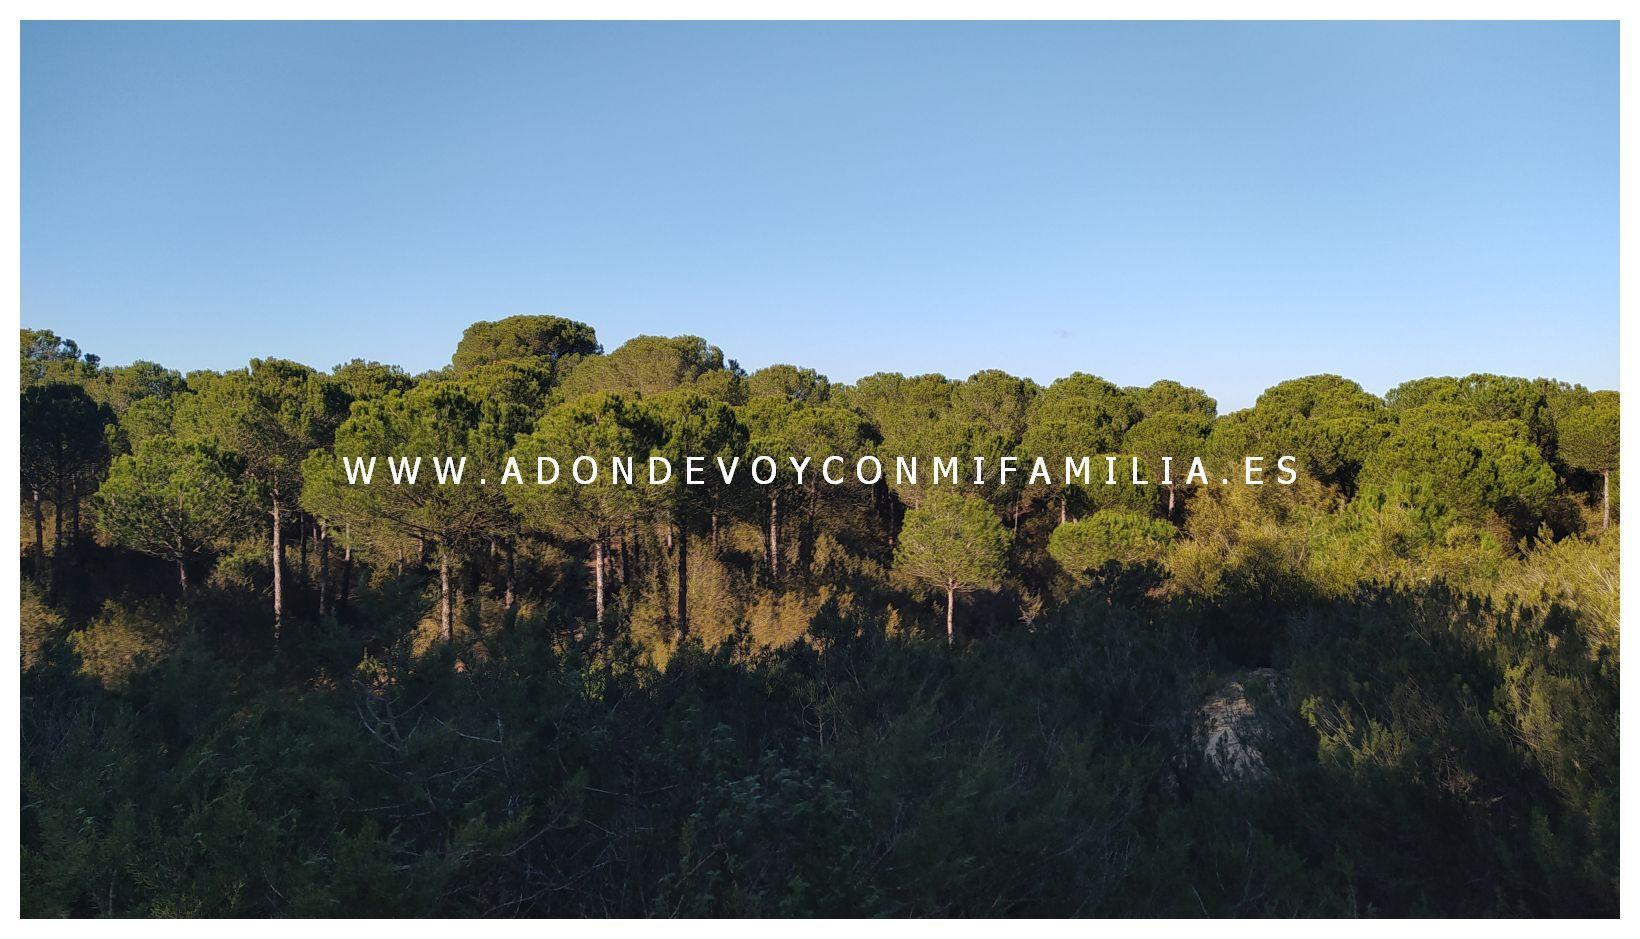 sendero-cerro-del-aguila-pinar-de-la-algaida-sanlucar-adondevoyconmifamilia-37